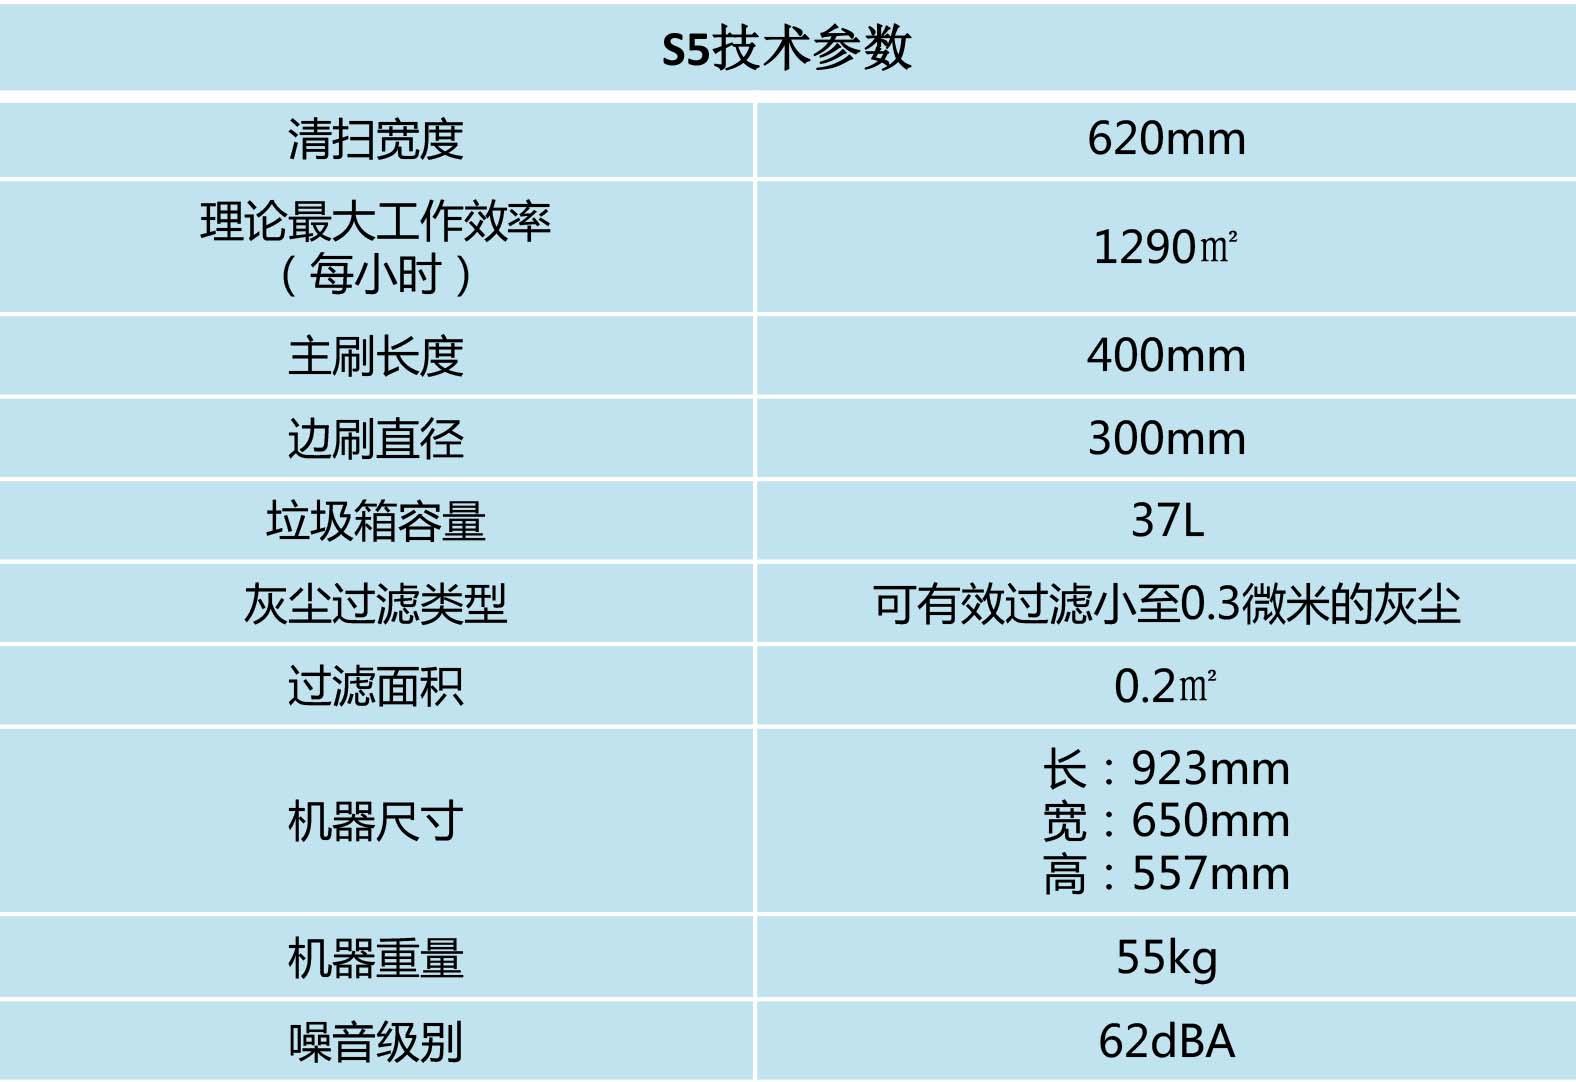 坦能S5手推式扫地机